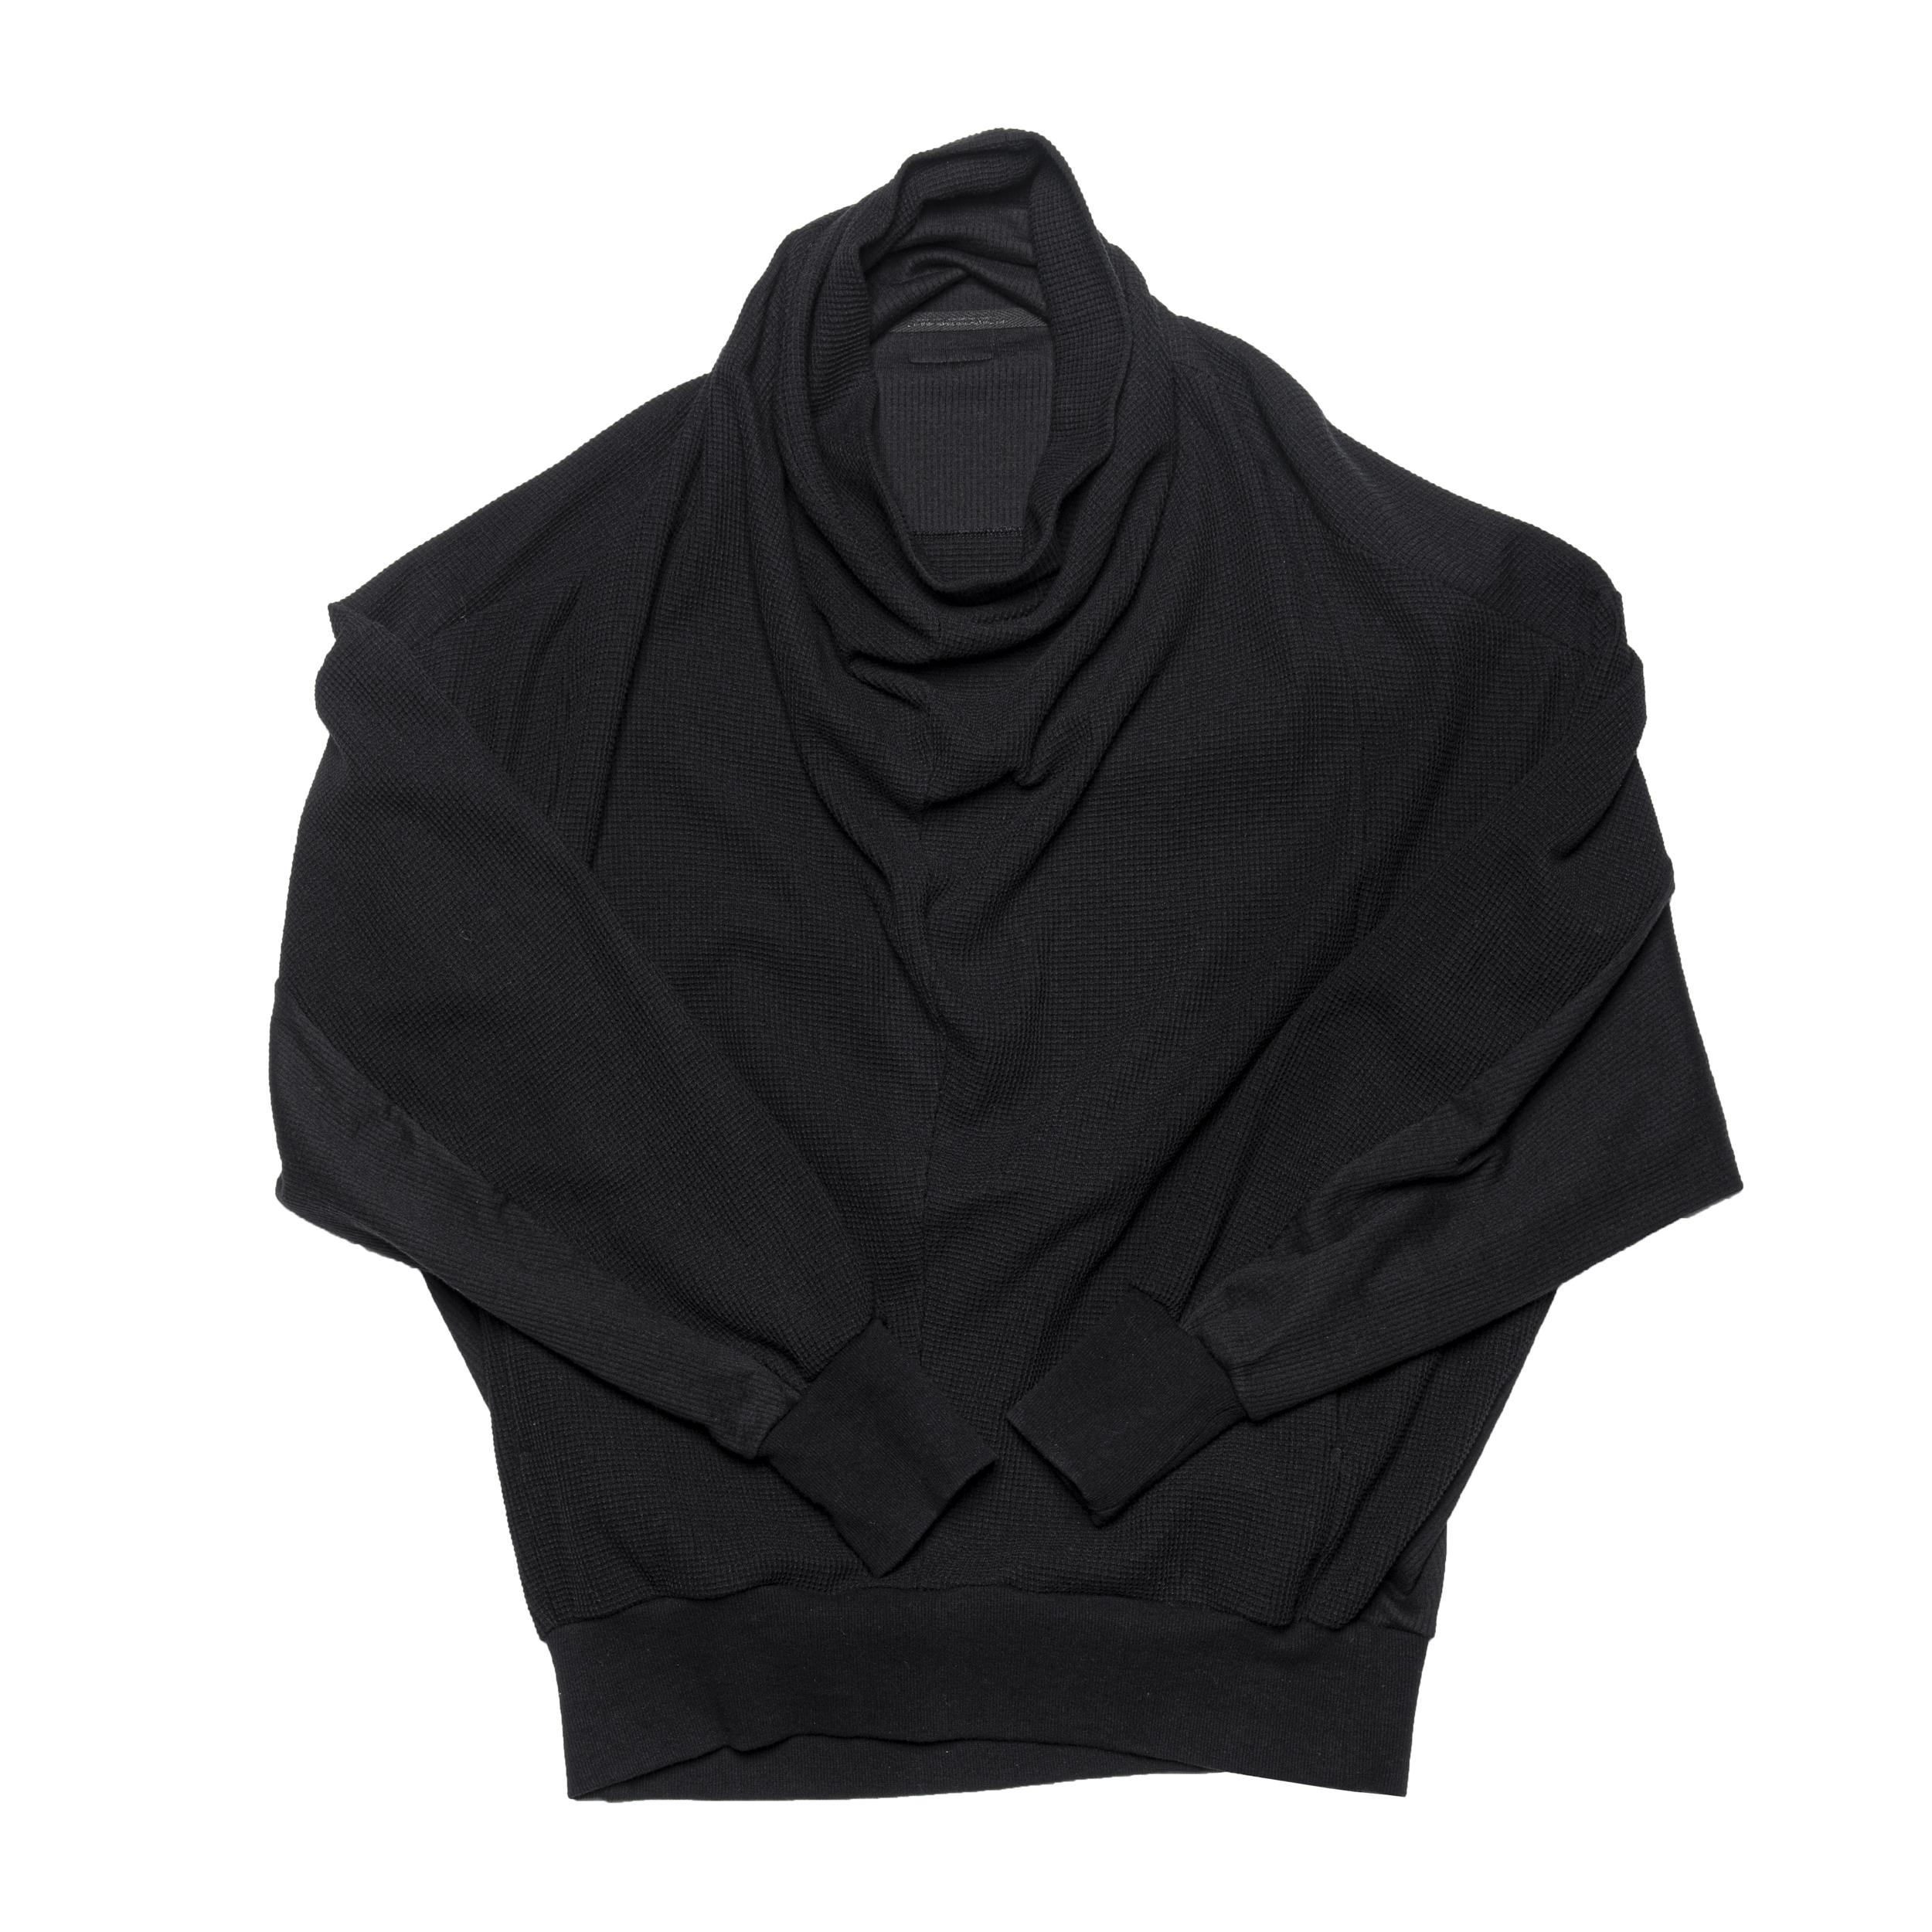 687CUM8-BLACK / 2 FACE カウルネックシャツ